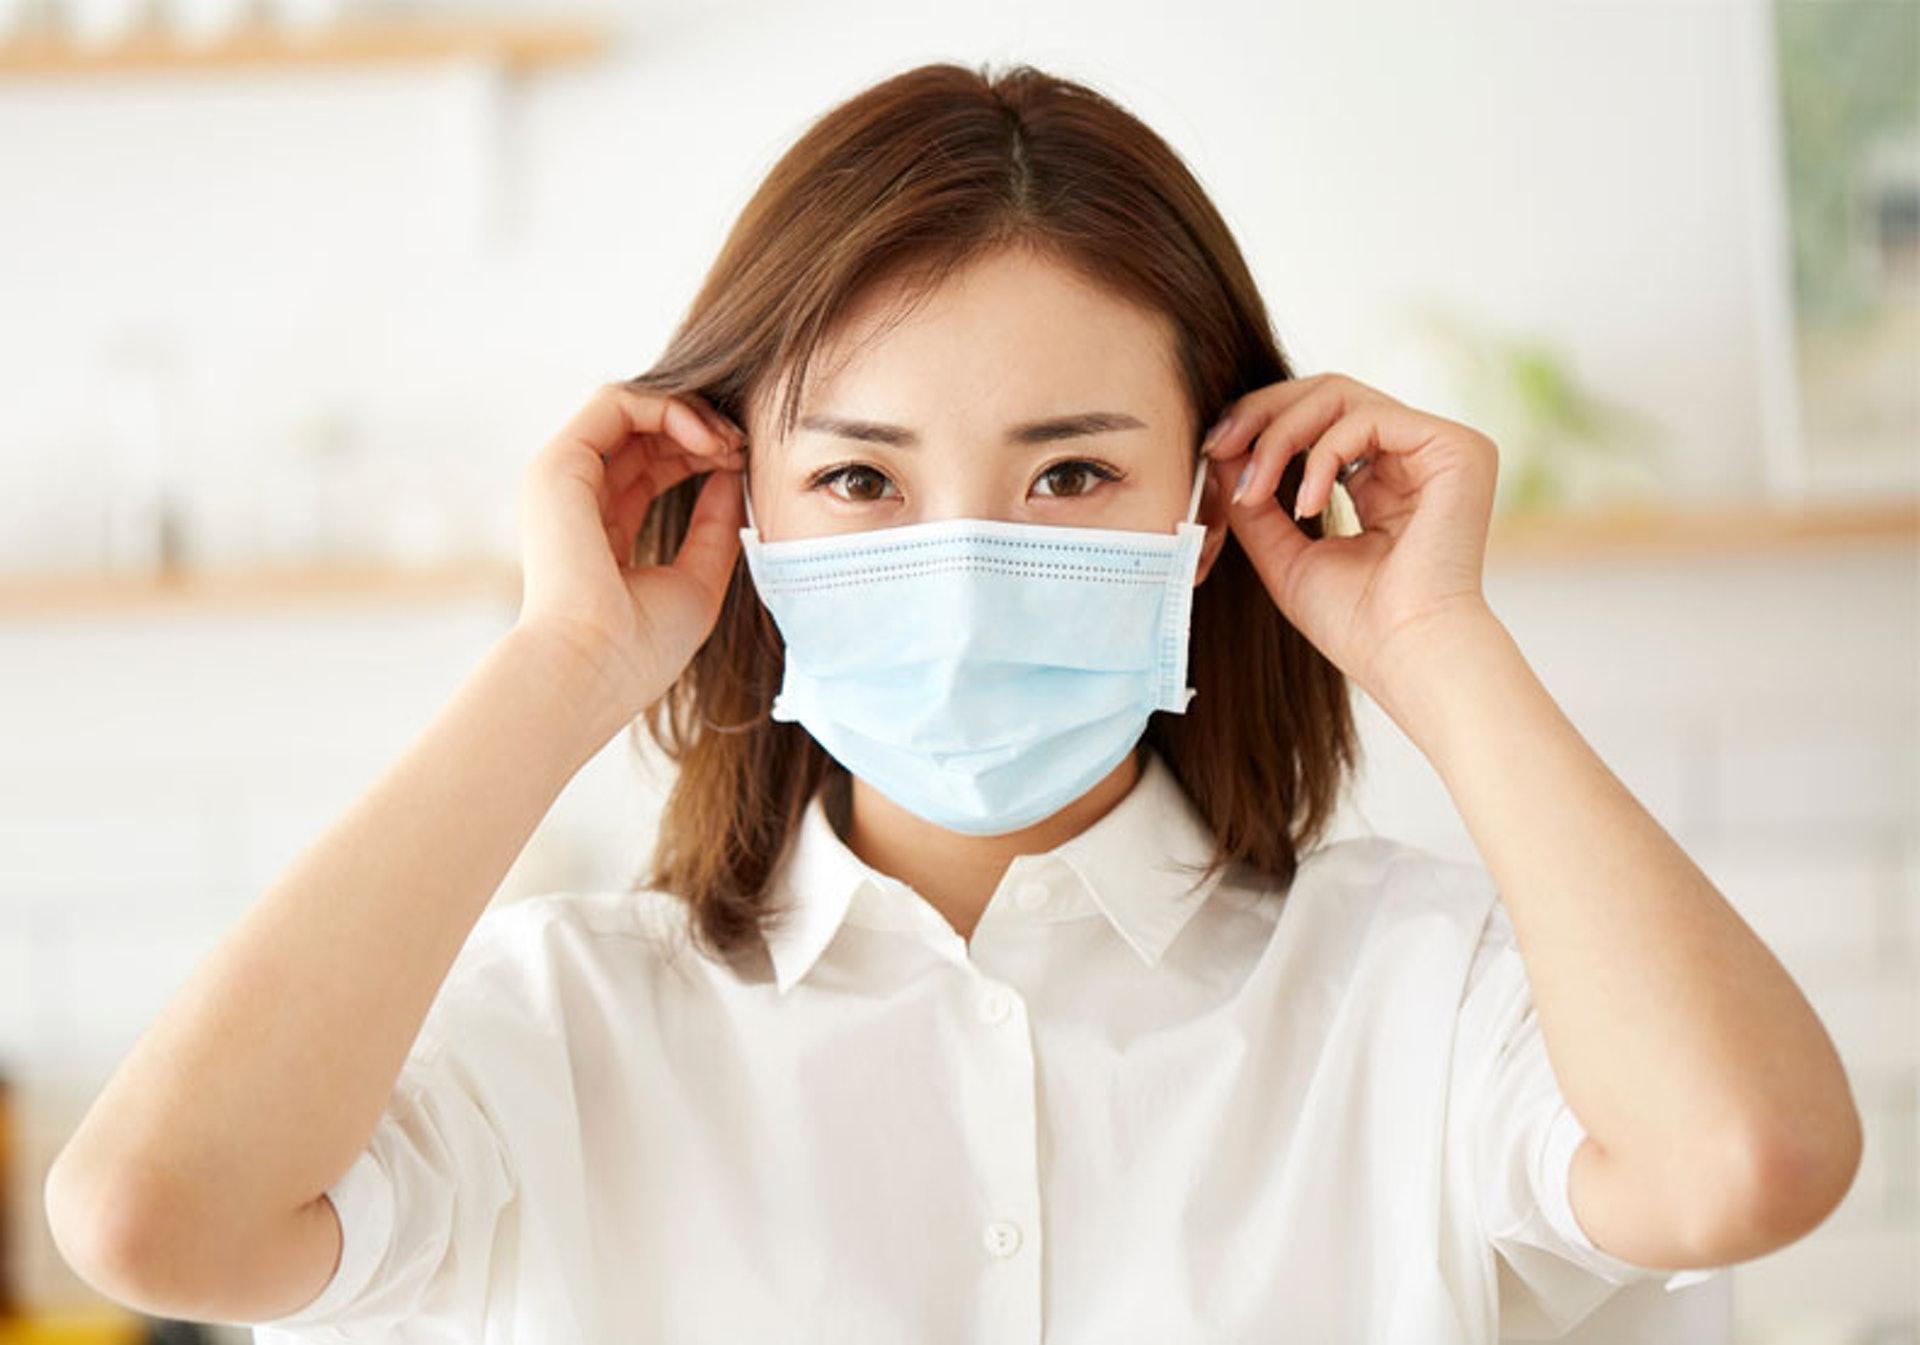 戴上口罩則能有效隔除空氣中的塵埃及病菌。(圖片: FreePik)